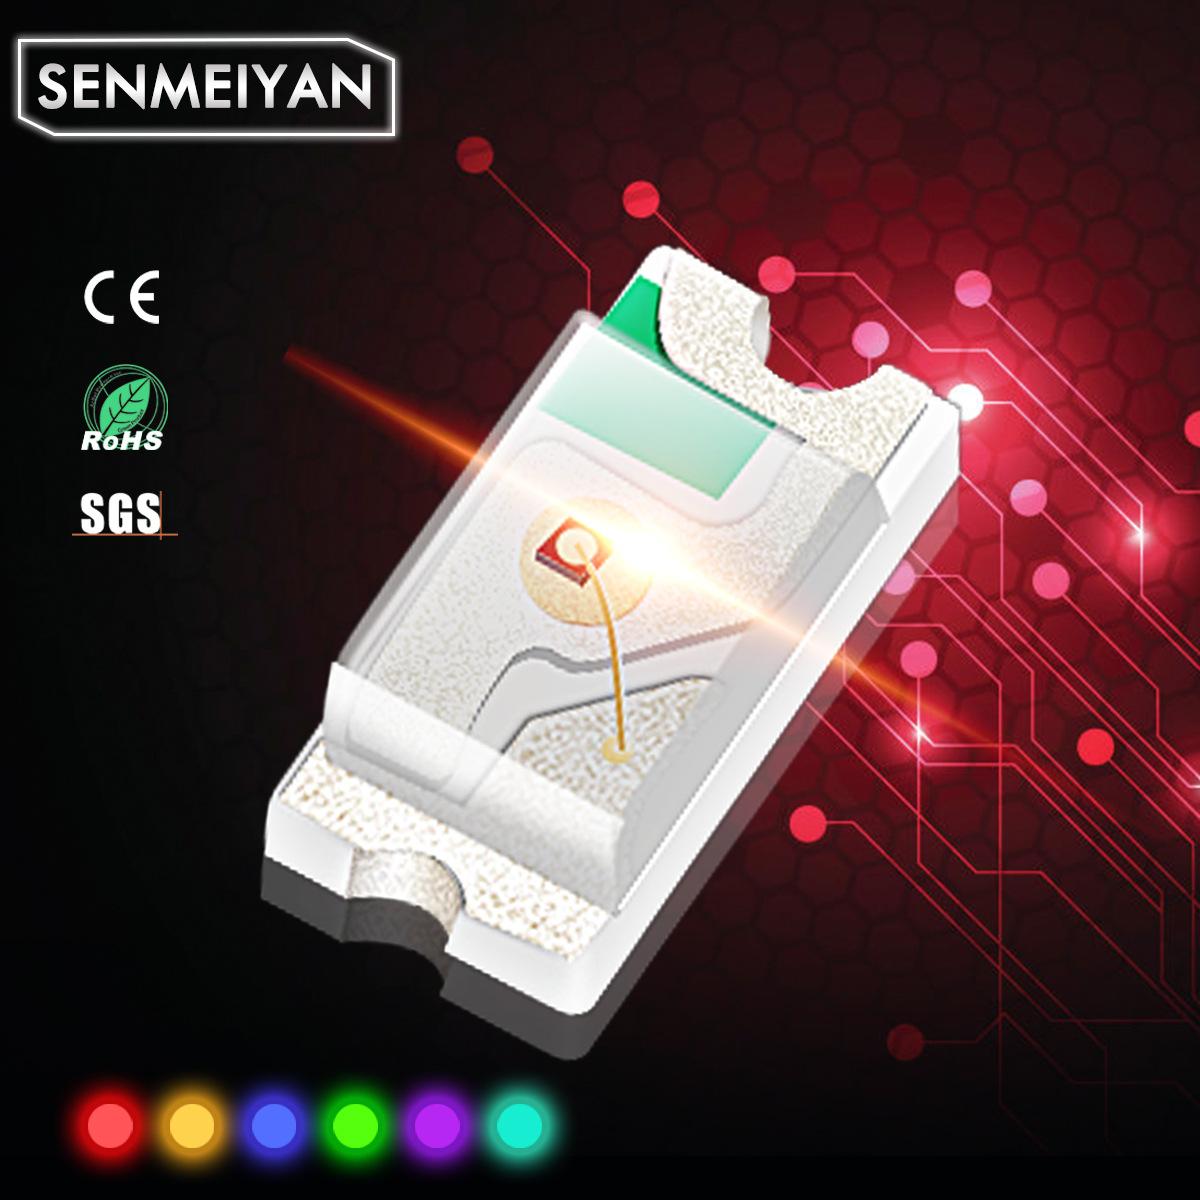 SENMEIYAN LED dán Đèn LED siêu sáng SMD 0402 ánh sáng đỏ ánh sáng đỏ 1005 đèn LED màu đỏ hạt